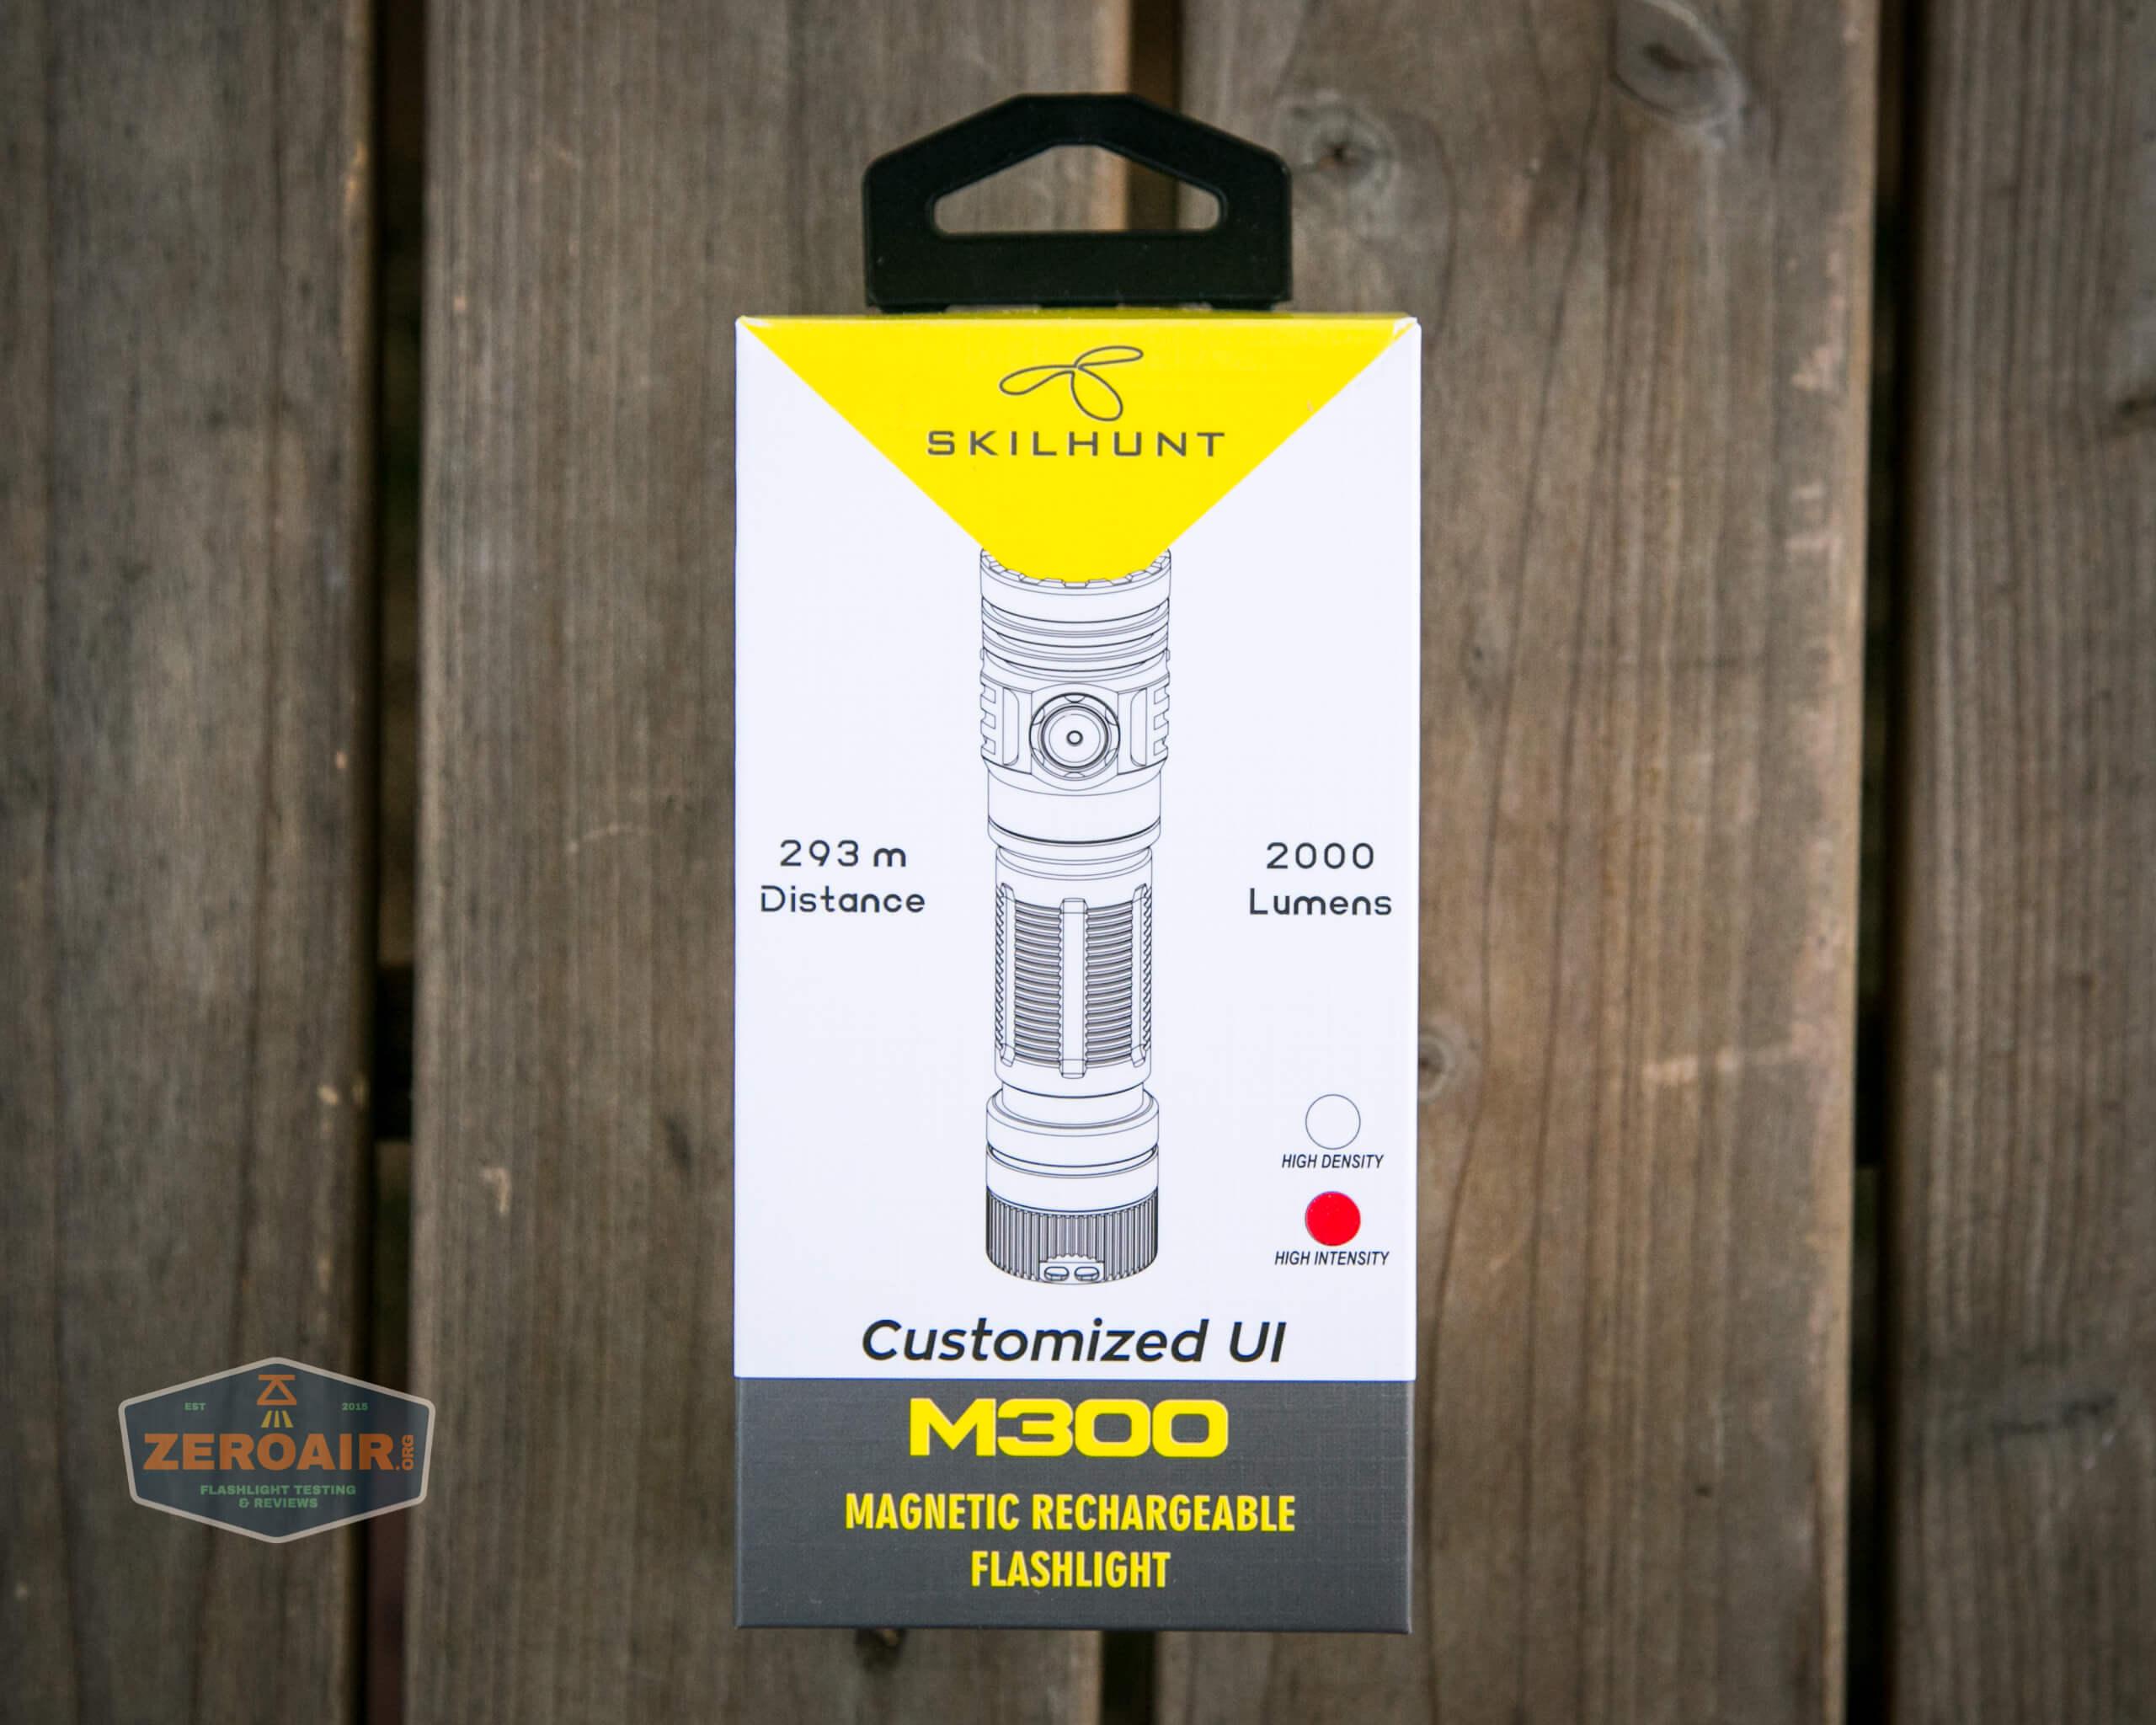 skilhunt m300 18650 flashlight box